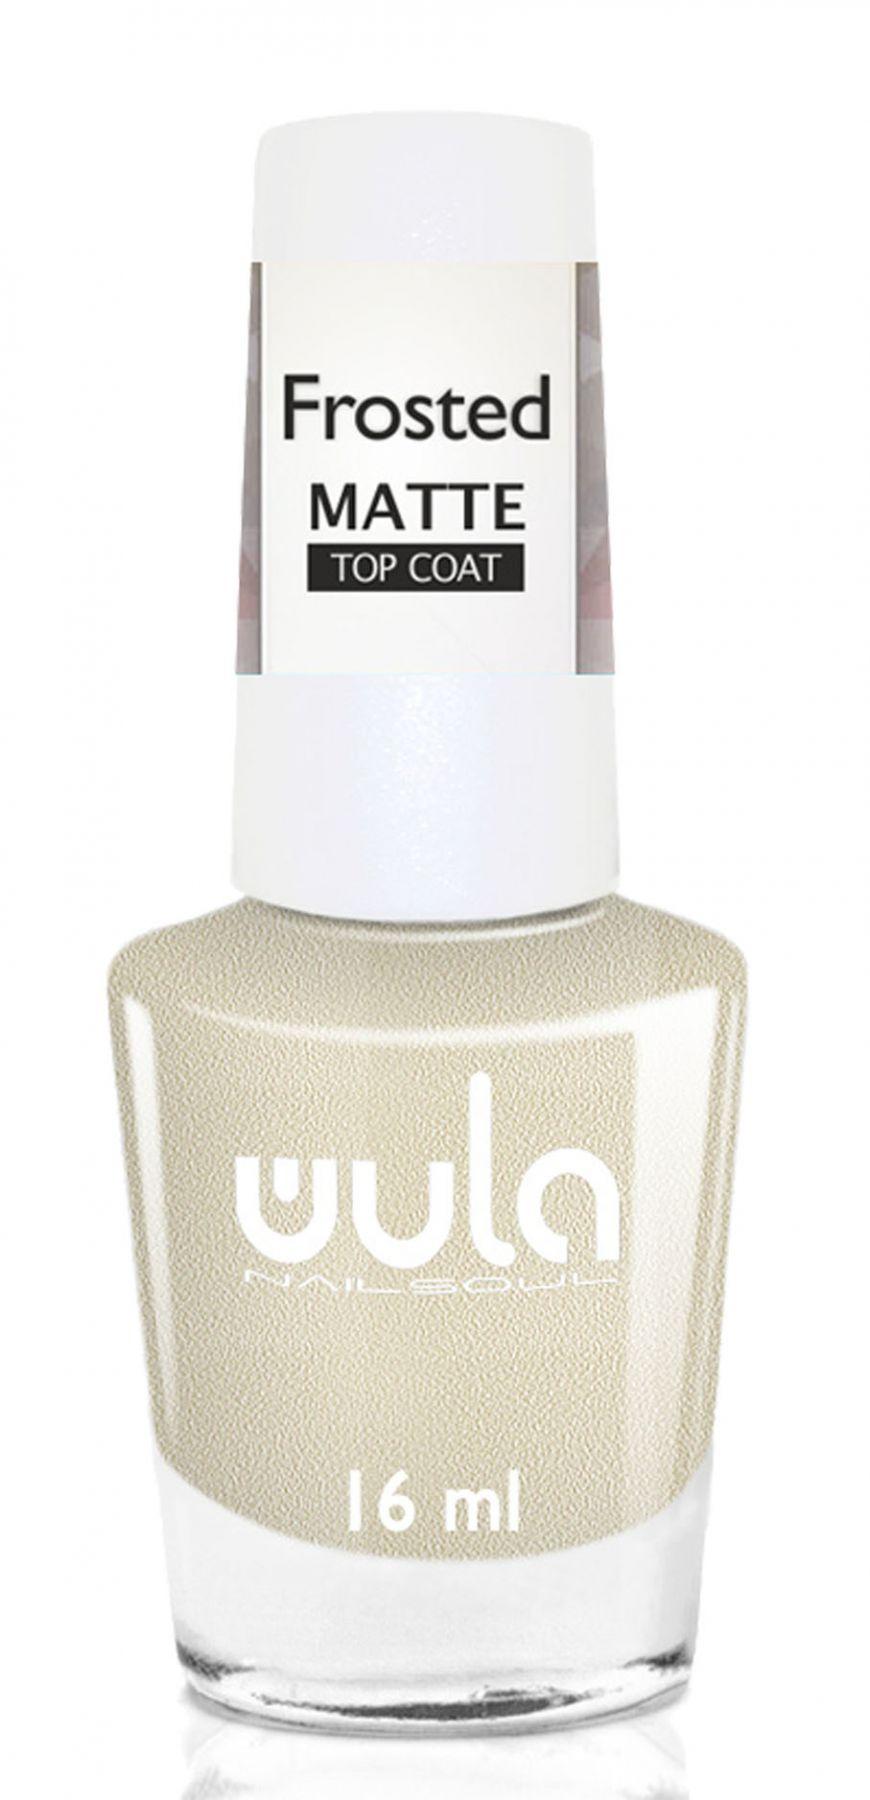 Купить Wula nailsoul Верхнее матовое покрытие для ногтей 16мл Frosted Matte Top Coat